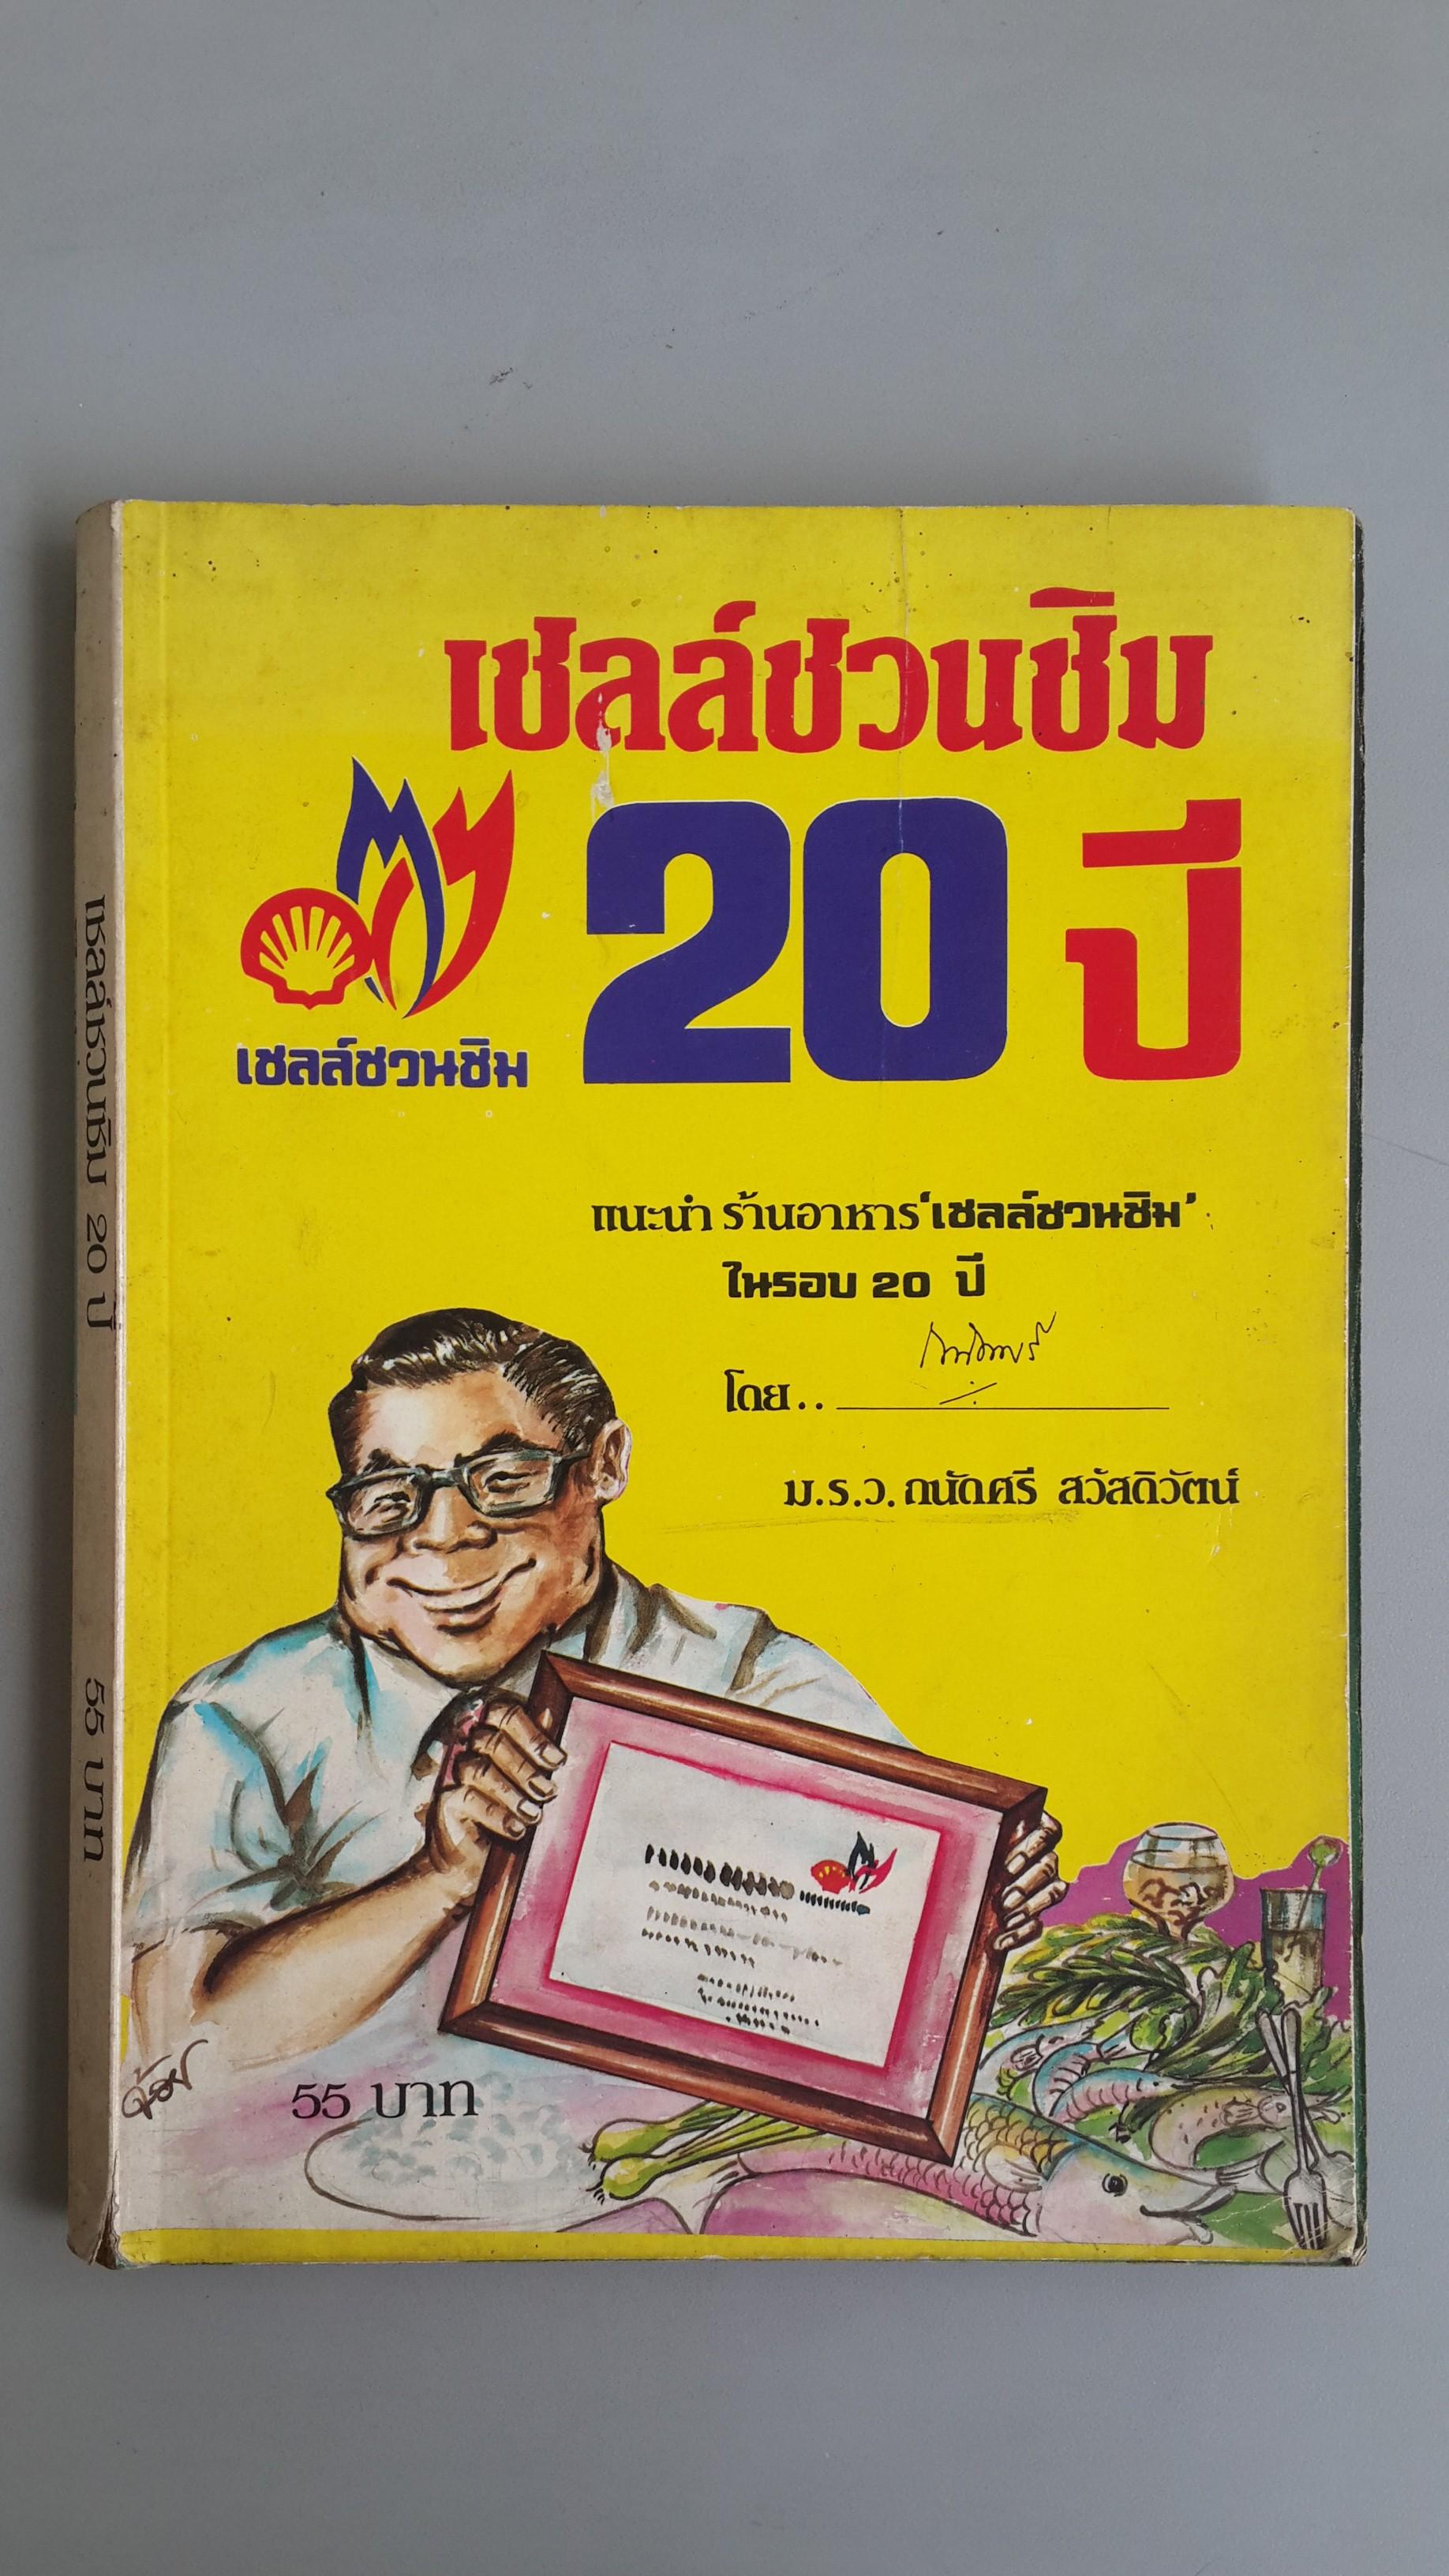 เชลล์ชวนชิม 20 ปี / ม.ร.ว.ถนัดศรี สวัสดิวัตน์